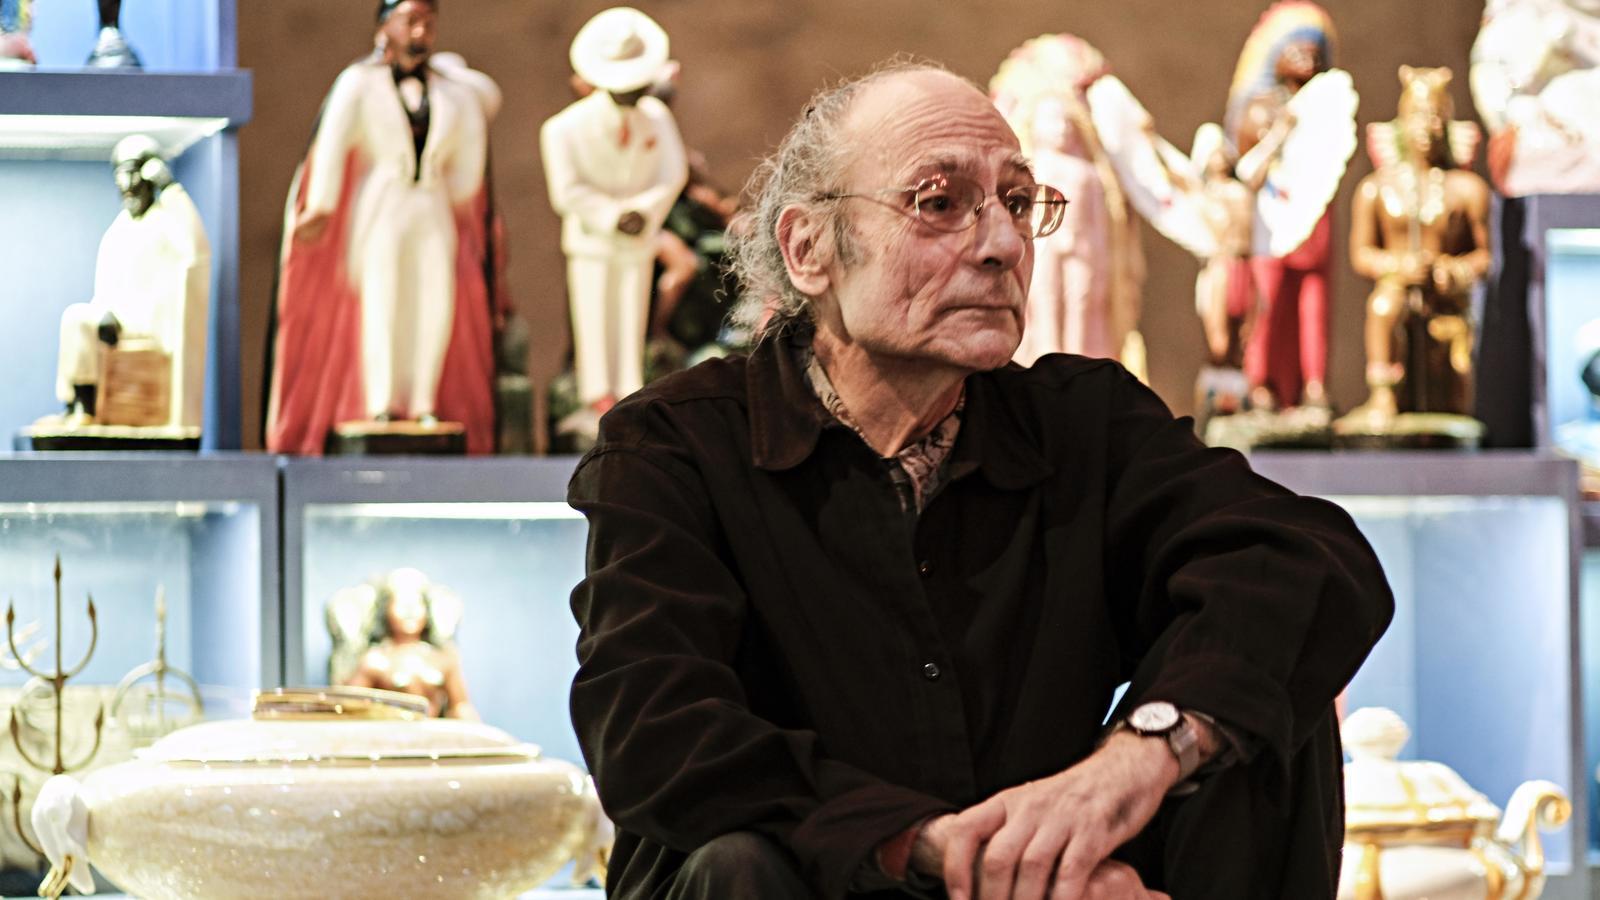 Antoni Miralda, Premi Velázquez d'Arts Plàstiques 2018